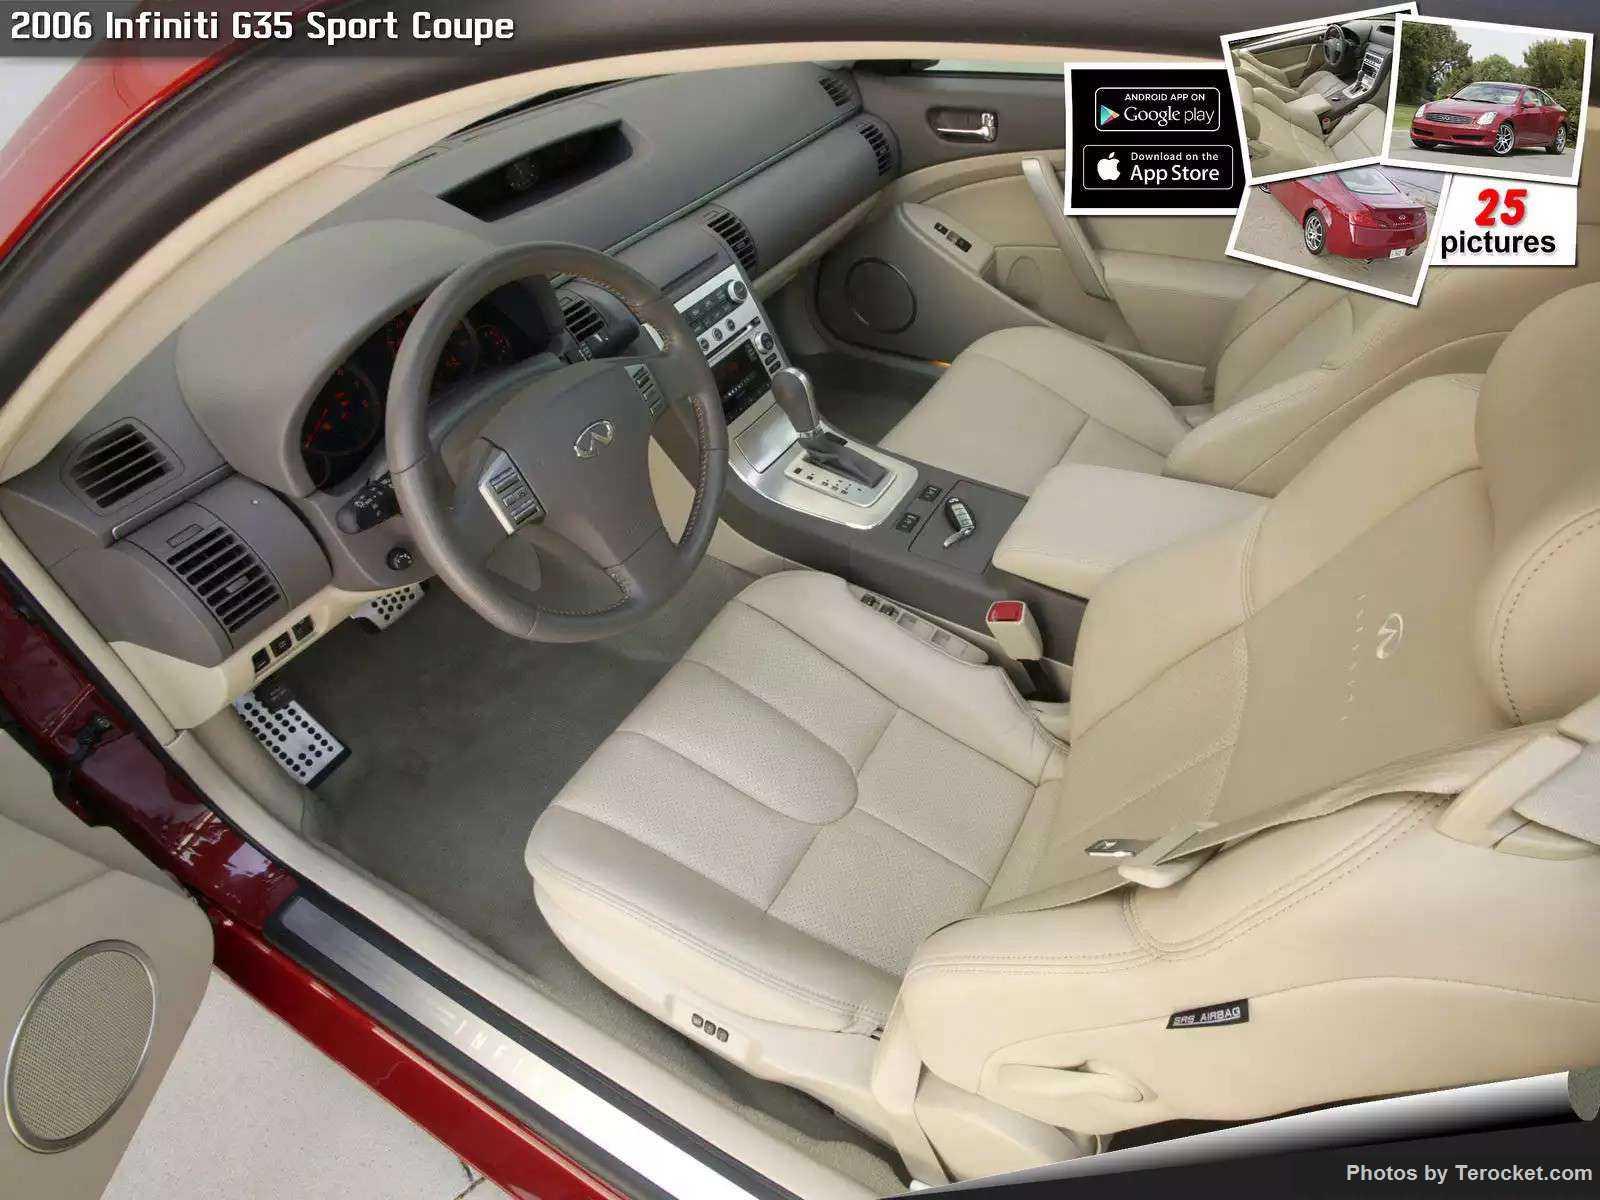 Hình ảnh xe ô tô Infiniti G35 Sport Coupe 2006 & nội ngoại thất